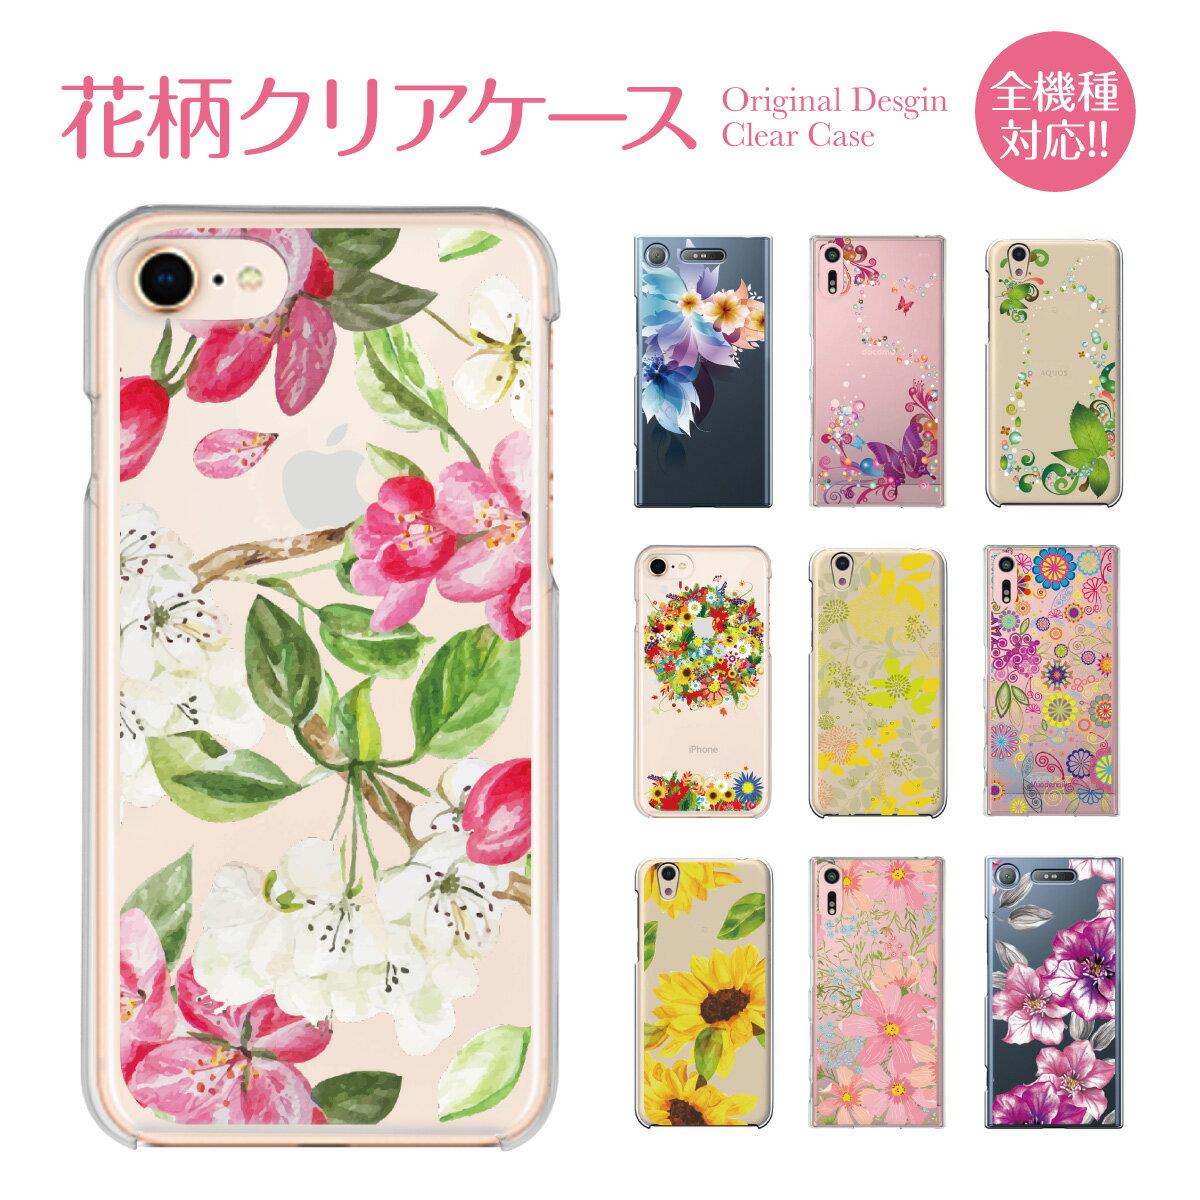 スマホケース 全機種対応 ケース カバー ハードケース クリアケース iPhoneXS Max iPhoneXR iPhoneX iPhone8 Plus iPhone7 iPhone6s iPhone SE 5s Xperia XZ3 XZ2 XZ1 XZ XZs SO-01L SO-05K SO-03K aquos R2 R SH-03K galaxy S9 S8 花柄 08-zen-hanagara